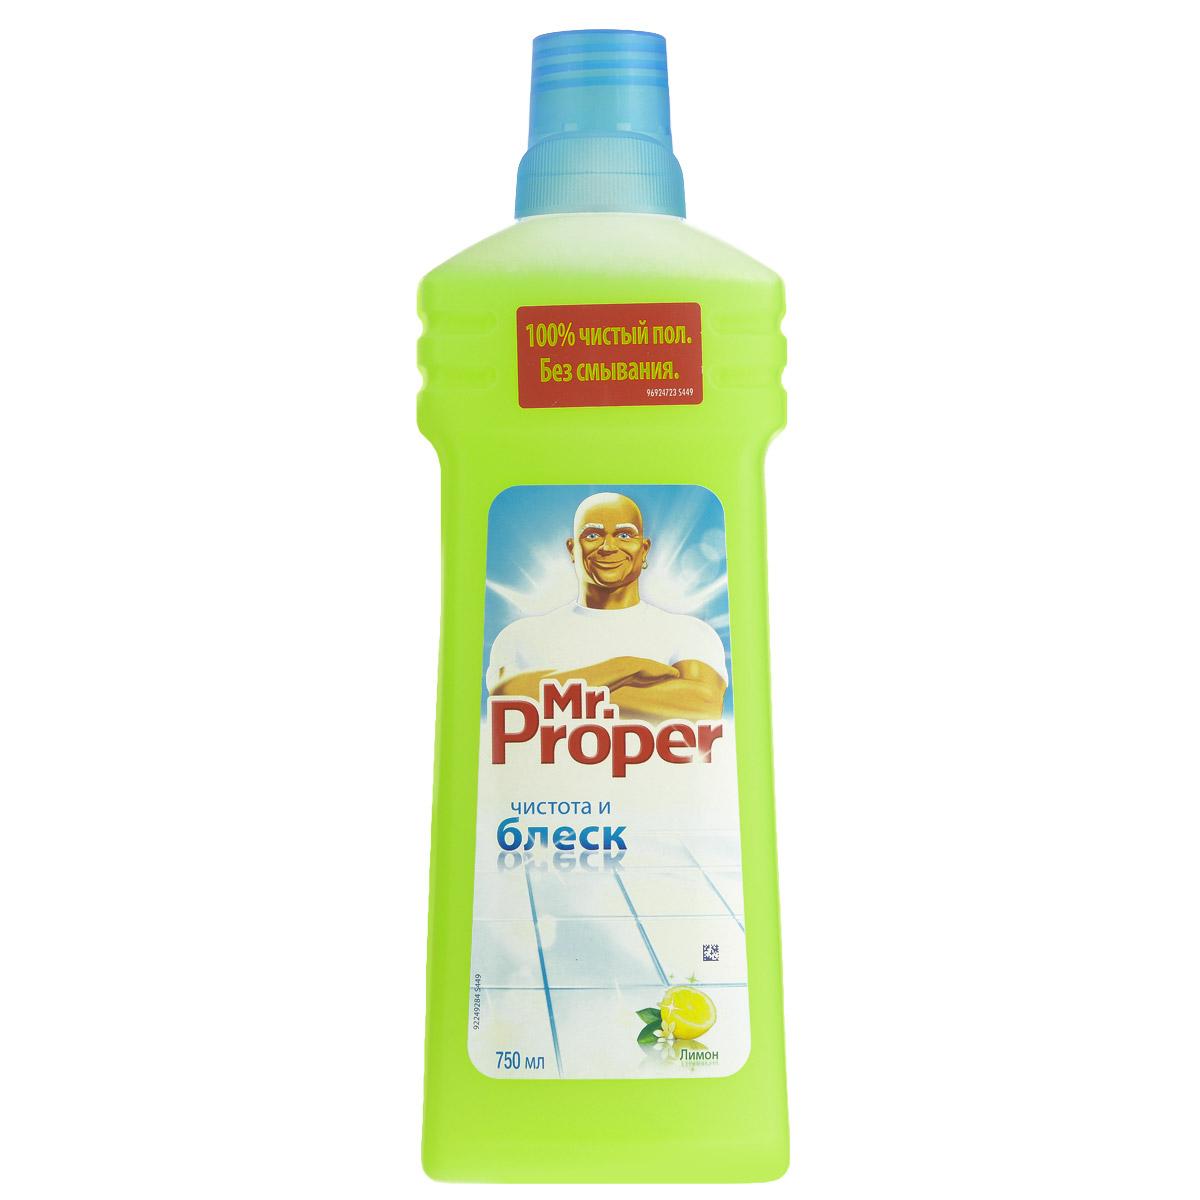 Моющая жидкость для уборки Mr. Proper Лимон, 750 мл790009Моющая жидкость для уборки Mr. Proper Лимон отмывает полы и стены быстро и легко. Его безвредная рН формула подходит для различных поверхностей, включая лакированный паркет и ламинат. Раствор (60 мл на 5 л воды) не нужно смывать. Состав: Товар сертифицирован.Уважаемые клиенты!Обращаем ваше внимание на возможные изменения в дизайне упаковки. Качественные характеристики товара остаются неизменными. Поставка осуществляется в зависимости от наличия на складе.